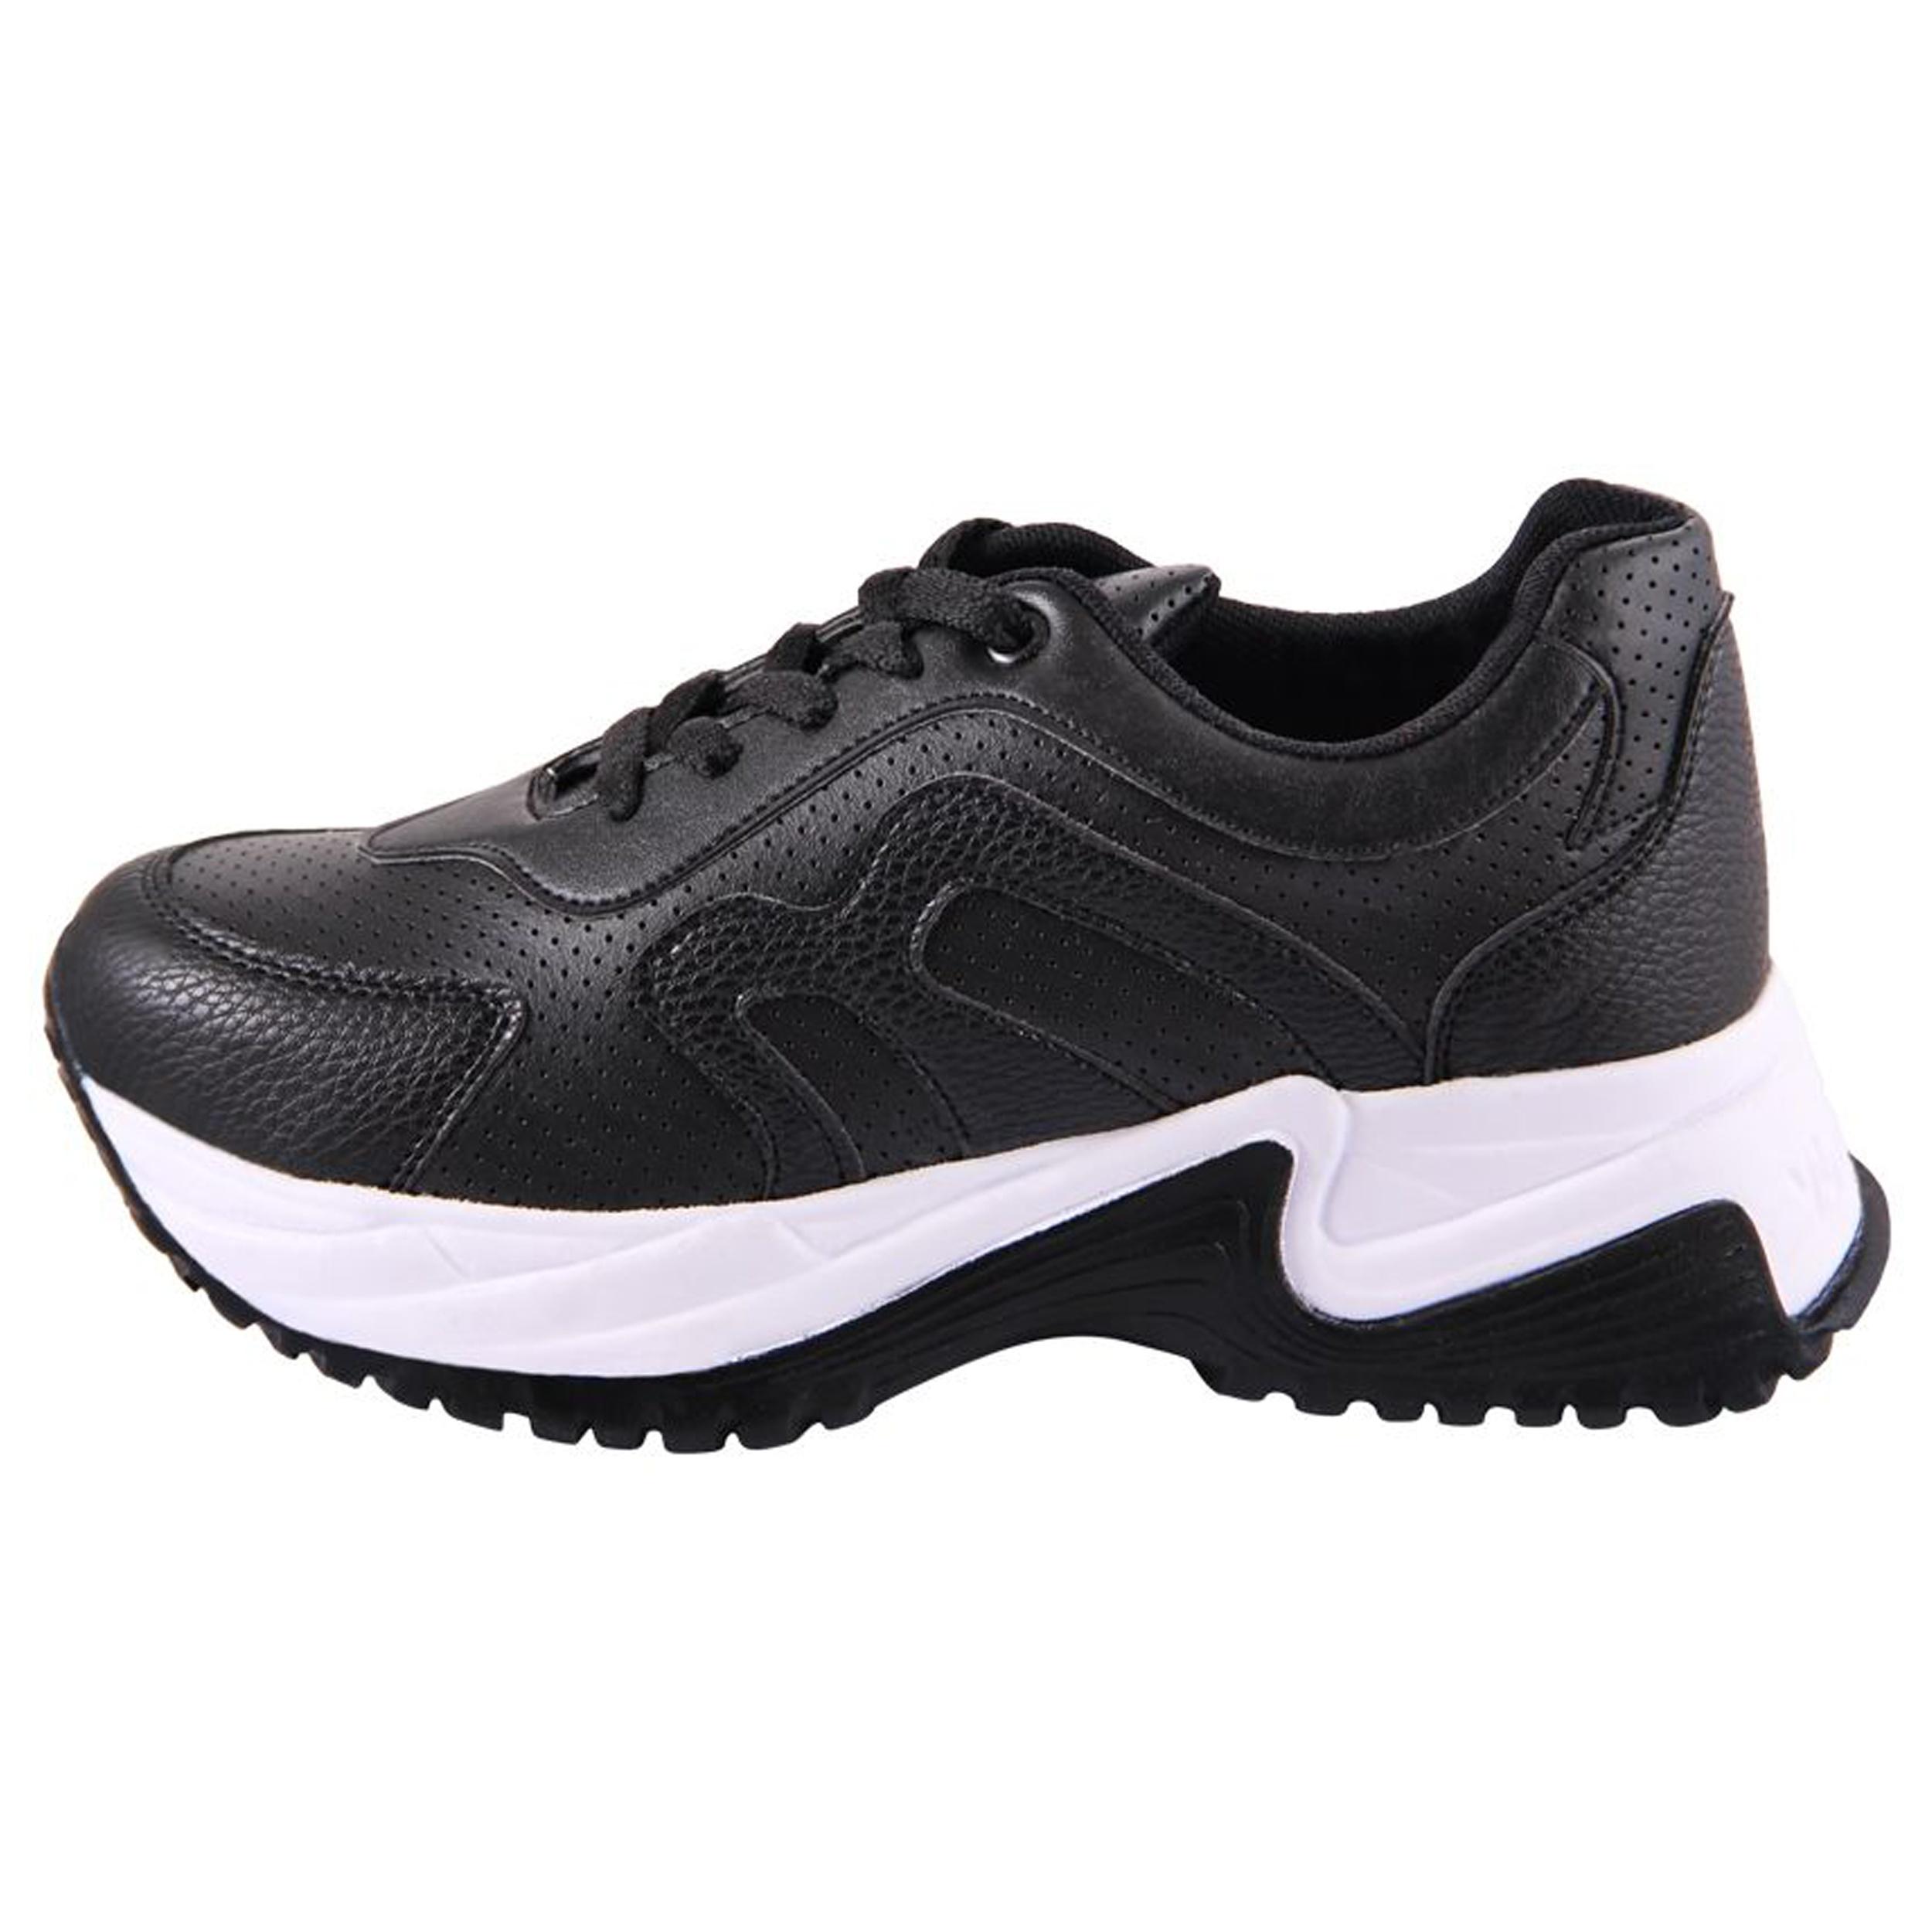 کفش مخصوص پیاده روی زنانه کد 69-2397980